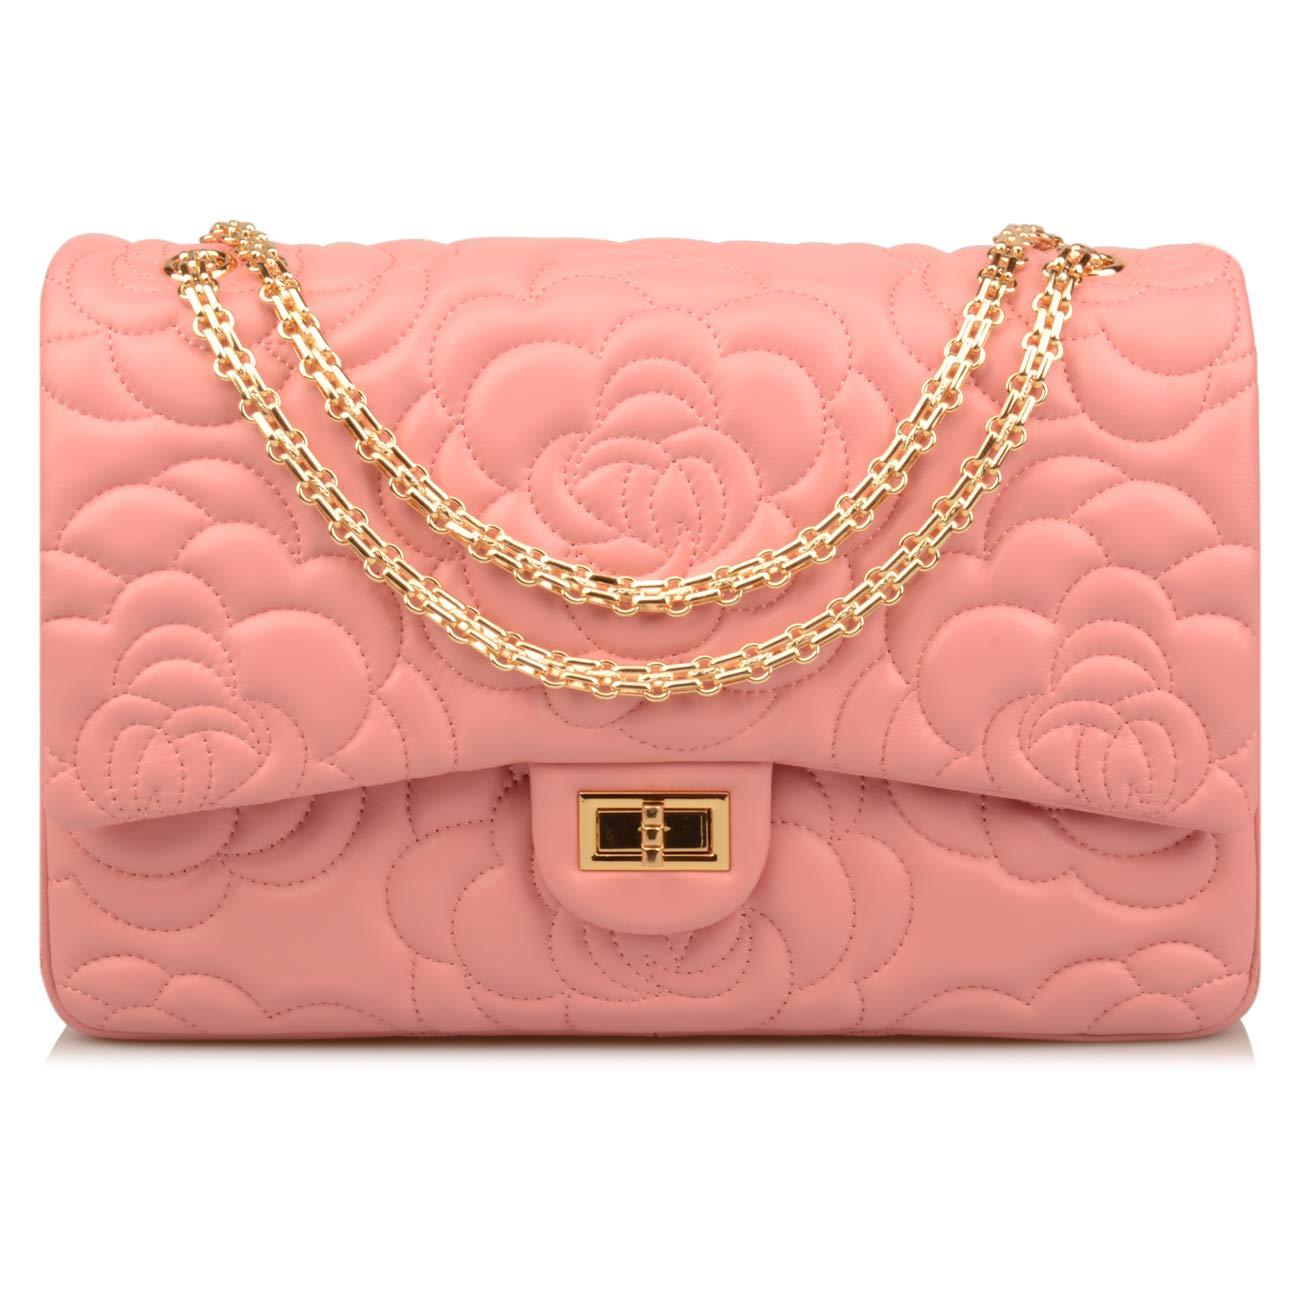 Ainifeel Women's Quilted Oversize Genuine Leather Shoulder Handbag Hobo Bag Purse (X-Large, Flower (pink gold hardware))